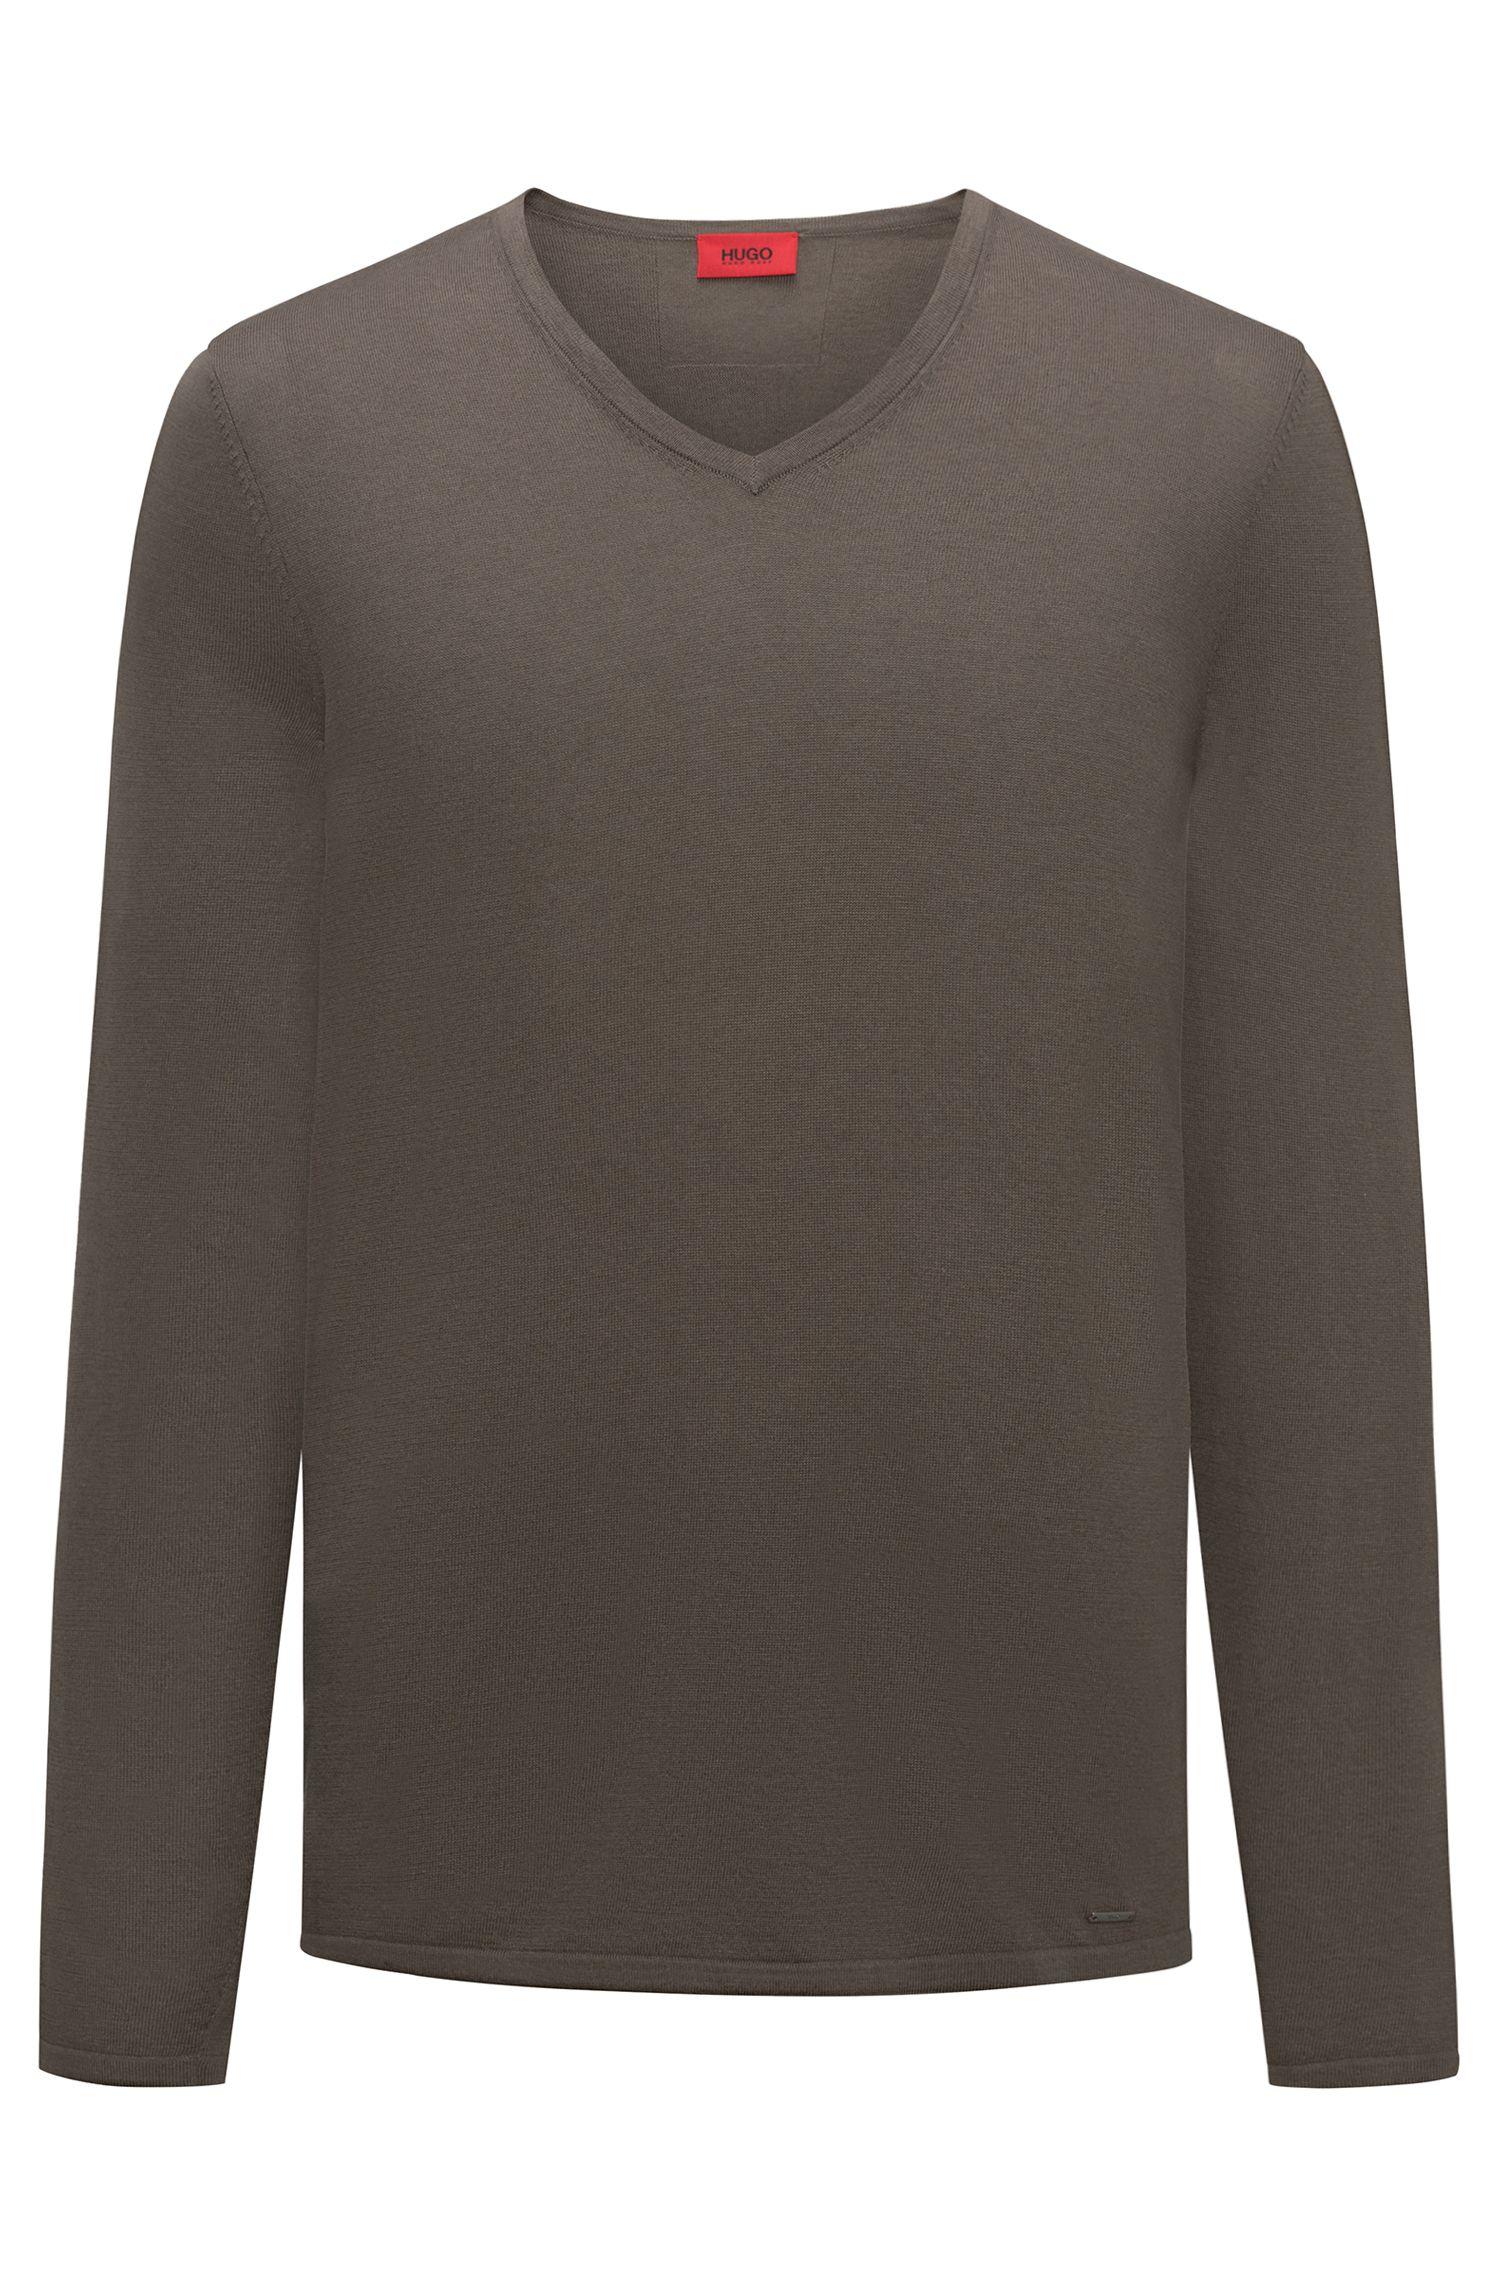 Pullover mit V-Ausschnitt aus Baumwoll-Mix mit Seide